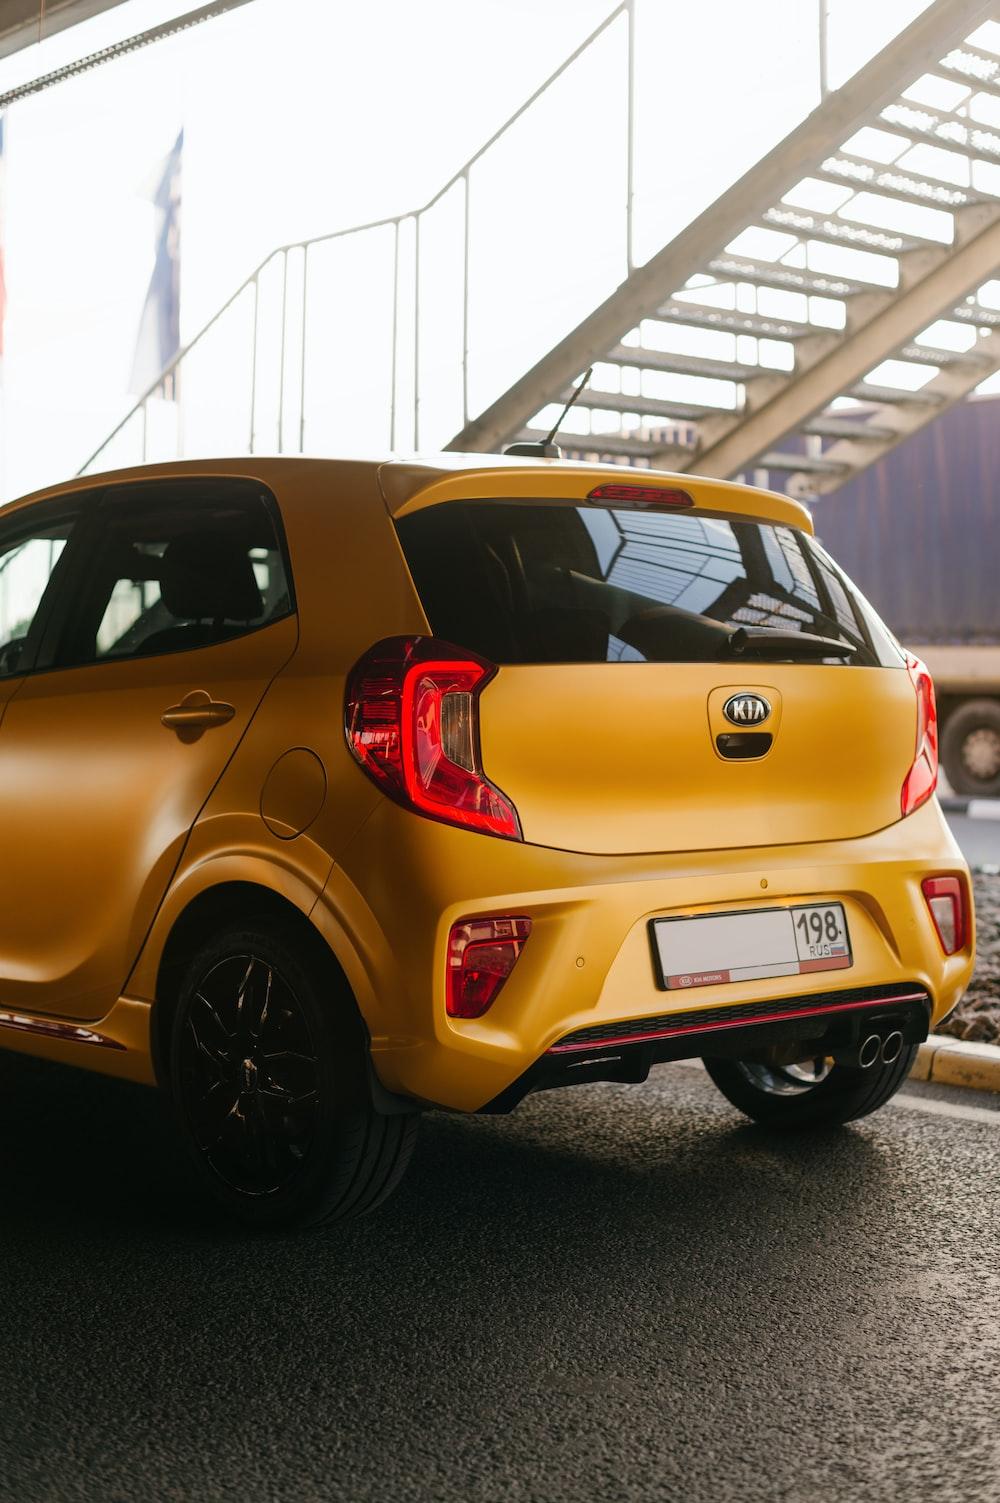 yellow 5 door hatchback parked on garage